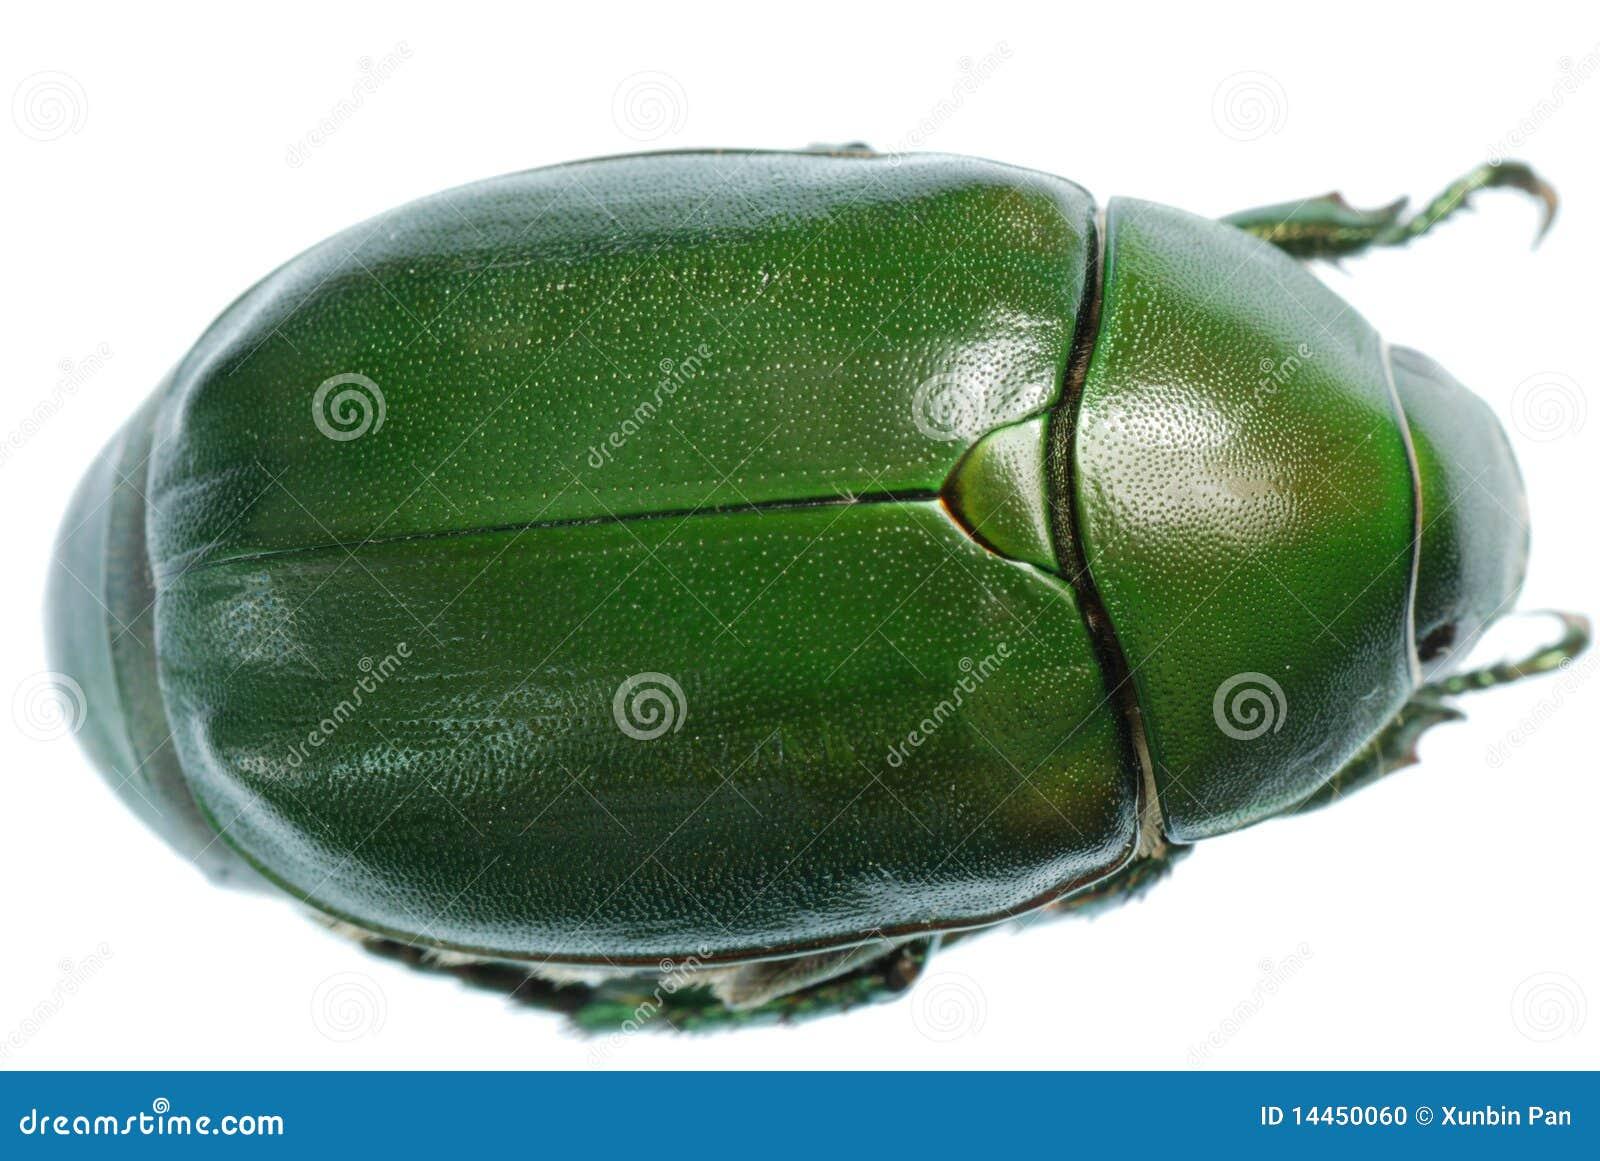 Grünes Käferinsekt getrennt auf Weiß